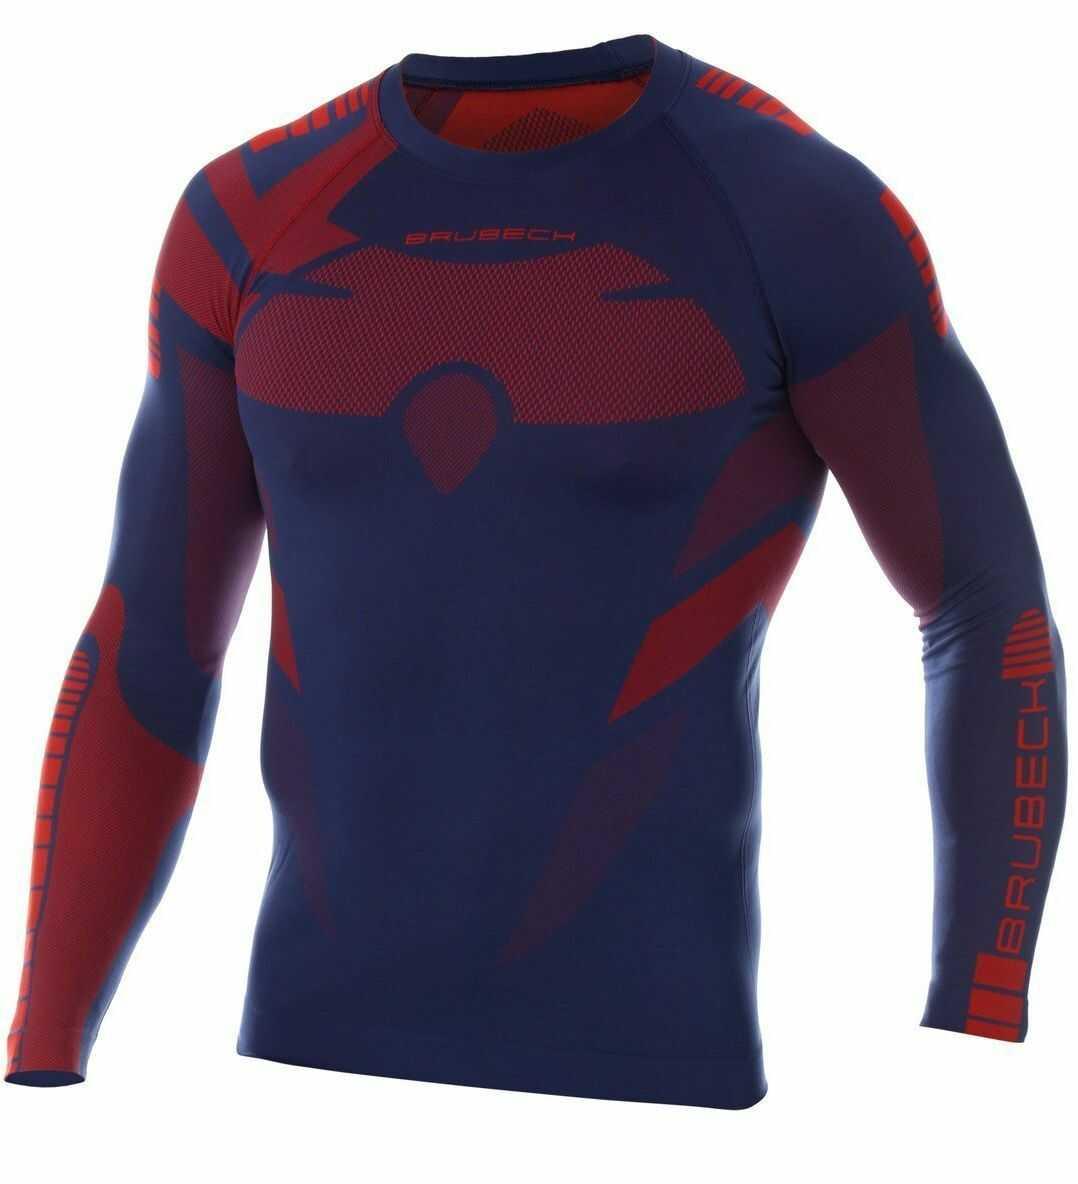 Męska Brubeck koszulka termoaktywna DRY granatowo-czerwony - LS13080 + Spodnie